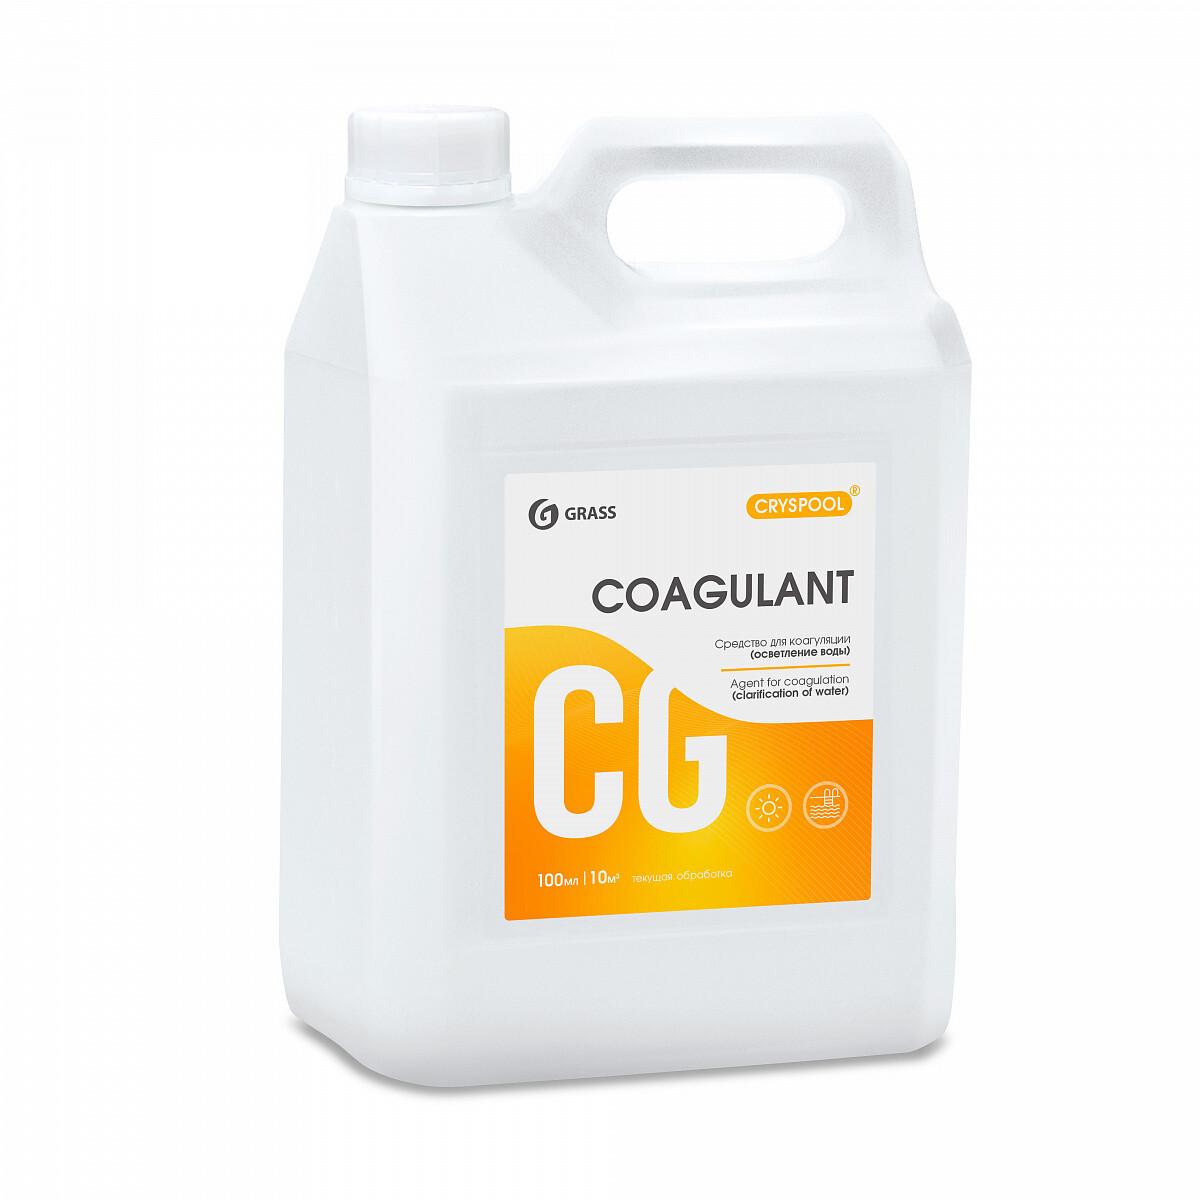 Средство для коагуляции (осветления) воды CRYSPOOL Coagulant, 5,9 кг